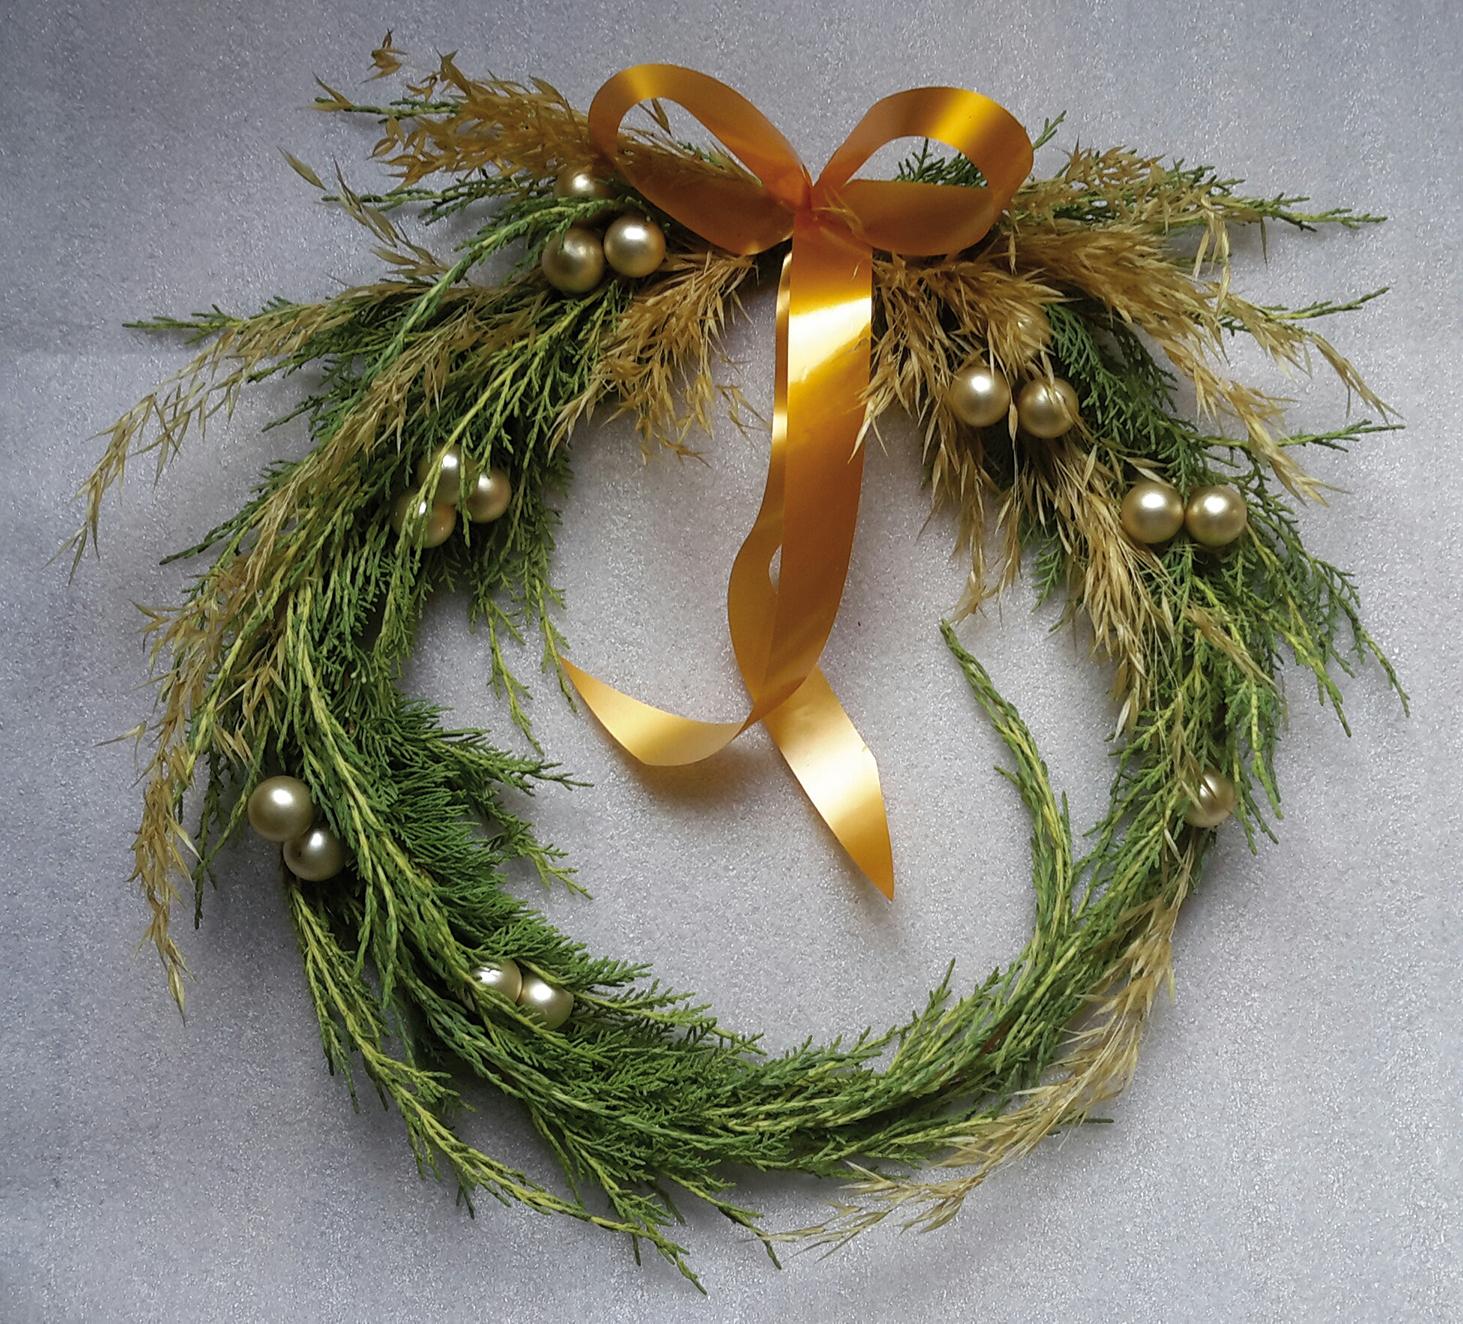 Cette couronne de porte dorée a été réalisée avec un guide en fil de fer, du génévrier de Pfitzer (Juniperus media pfitzeriana) et de la stipe géante (Stipa gigantea)